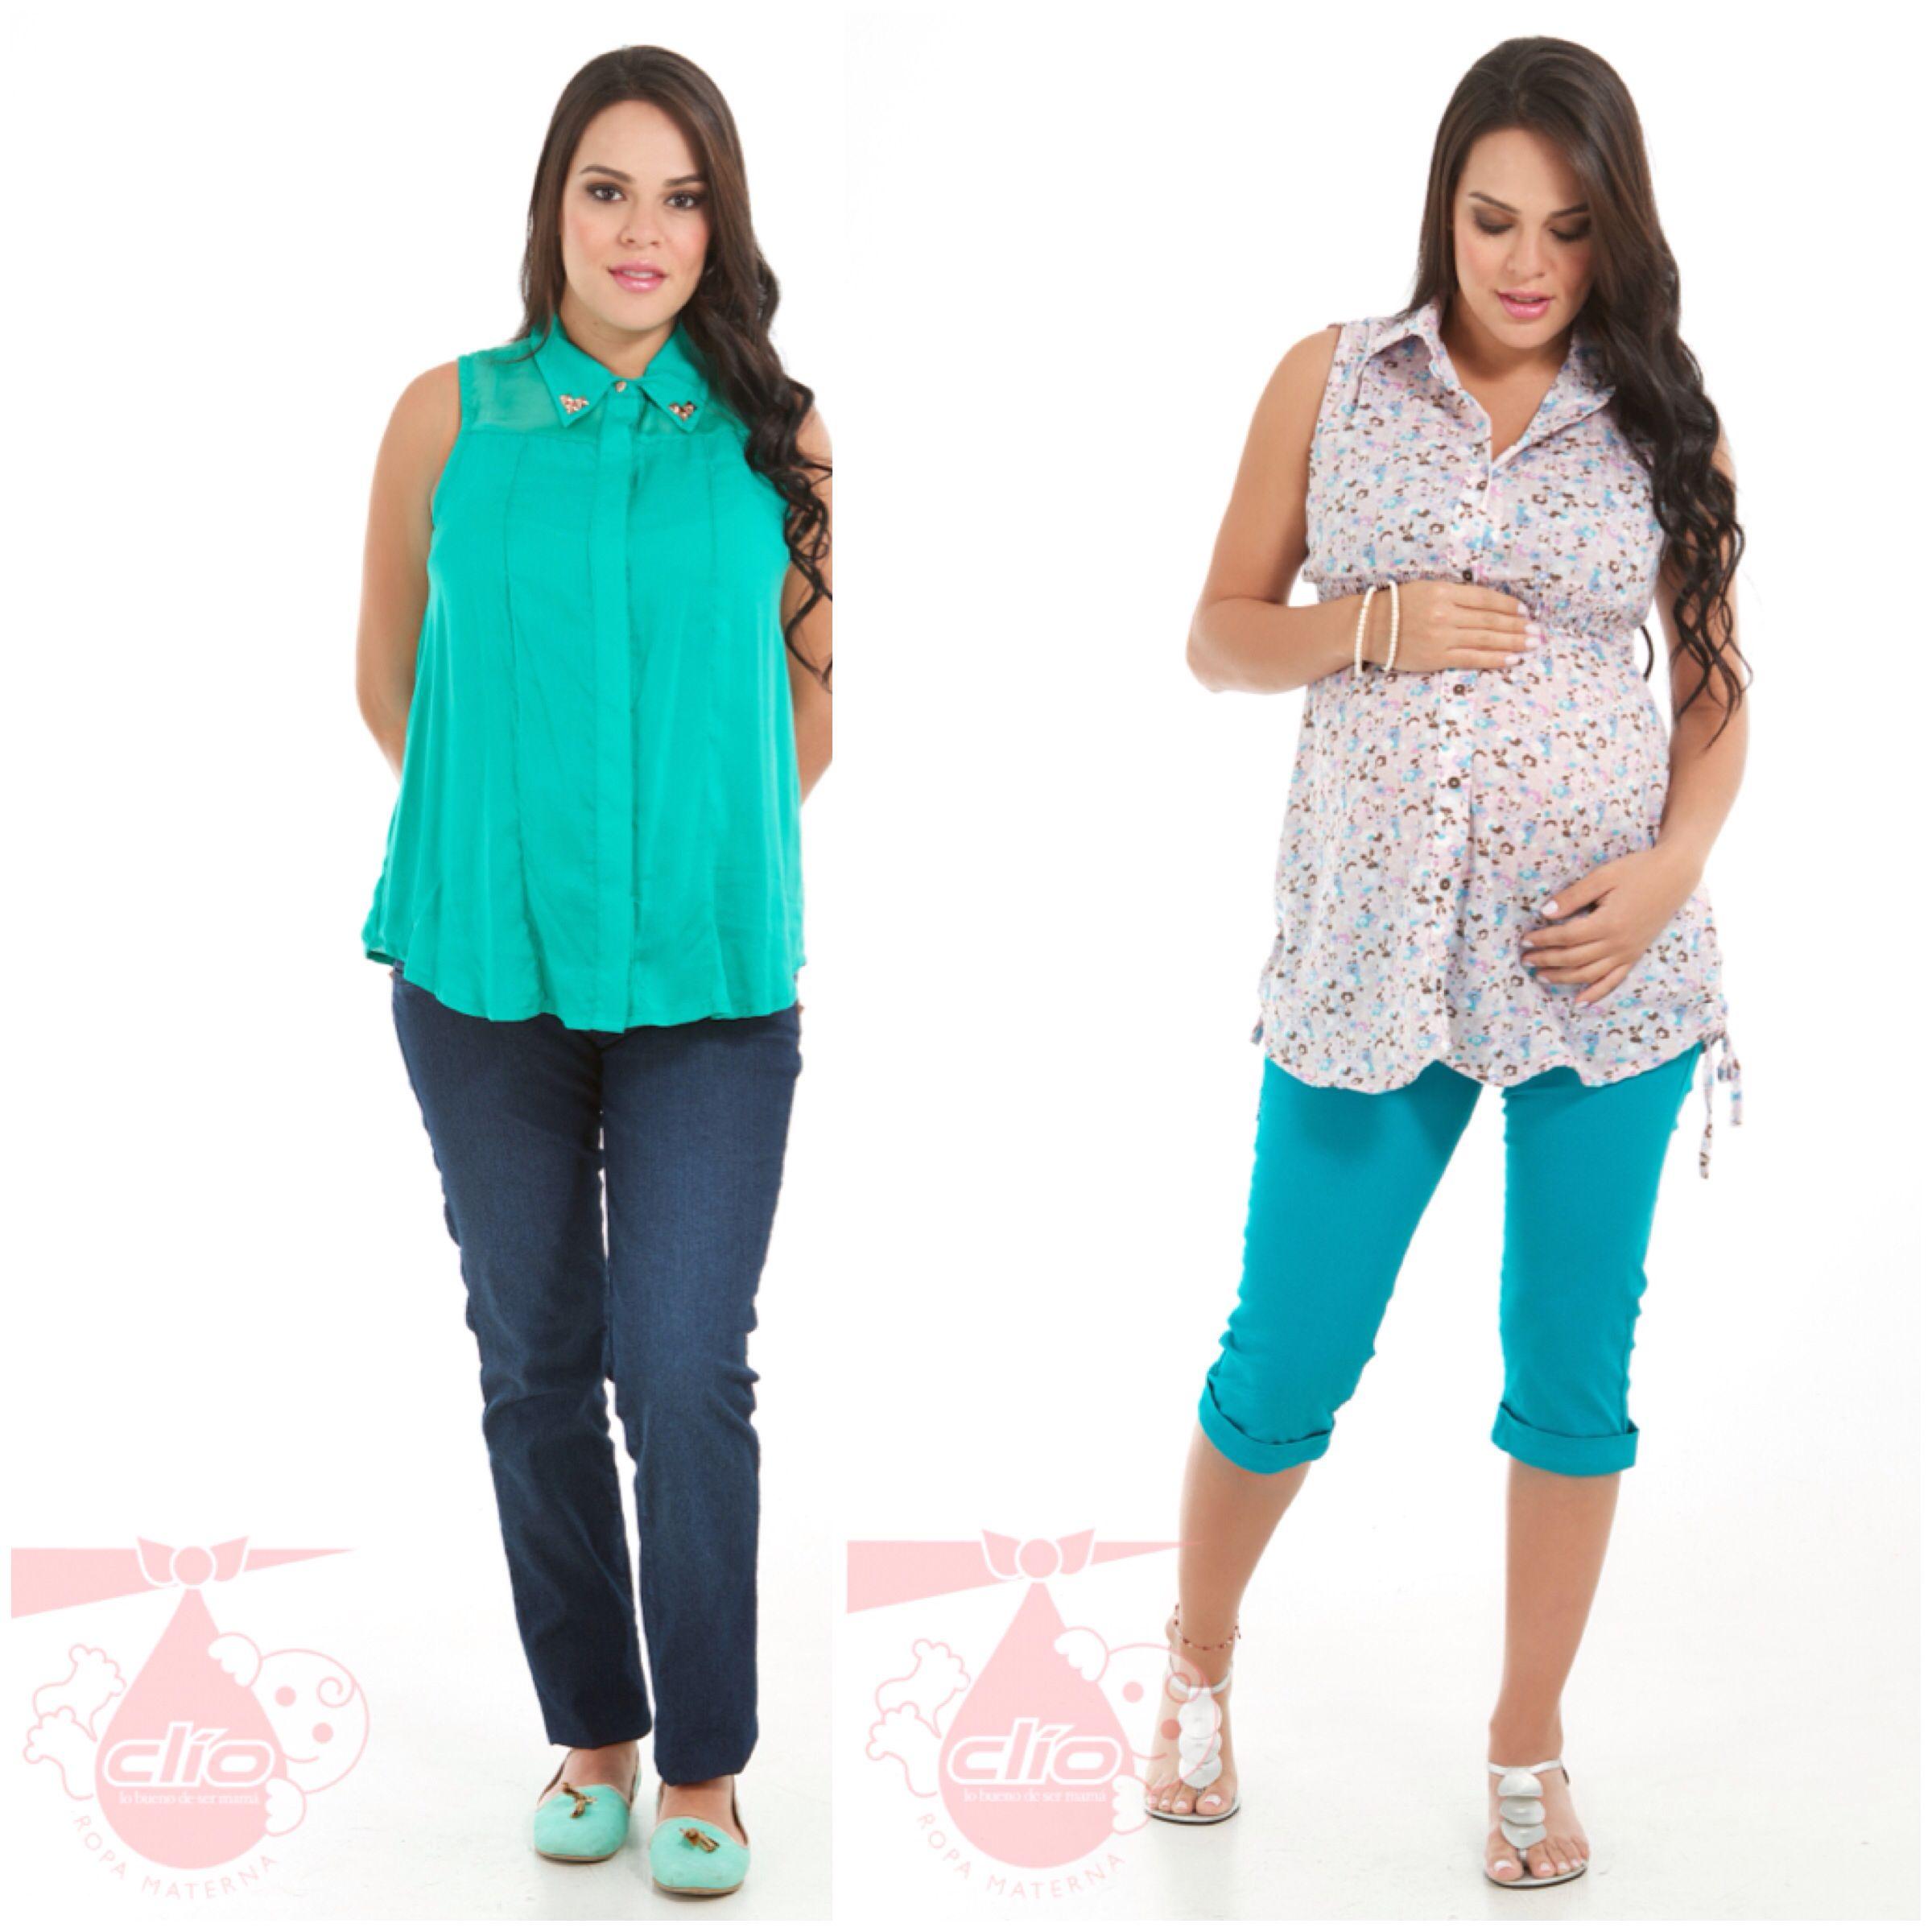 Nuevos diseños de #ropa #materna en www.clioropamaterna.com. #Moda ...